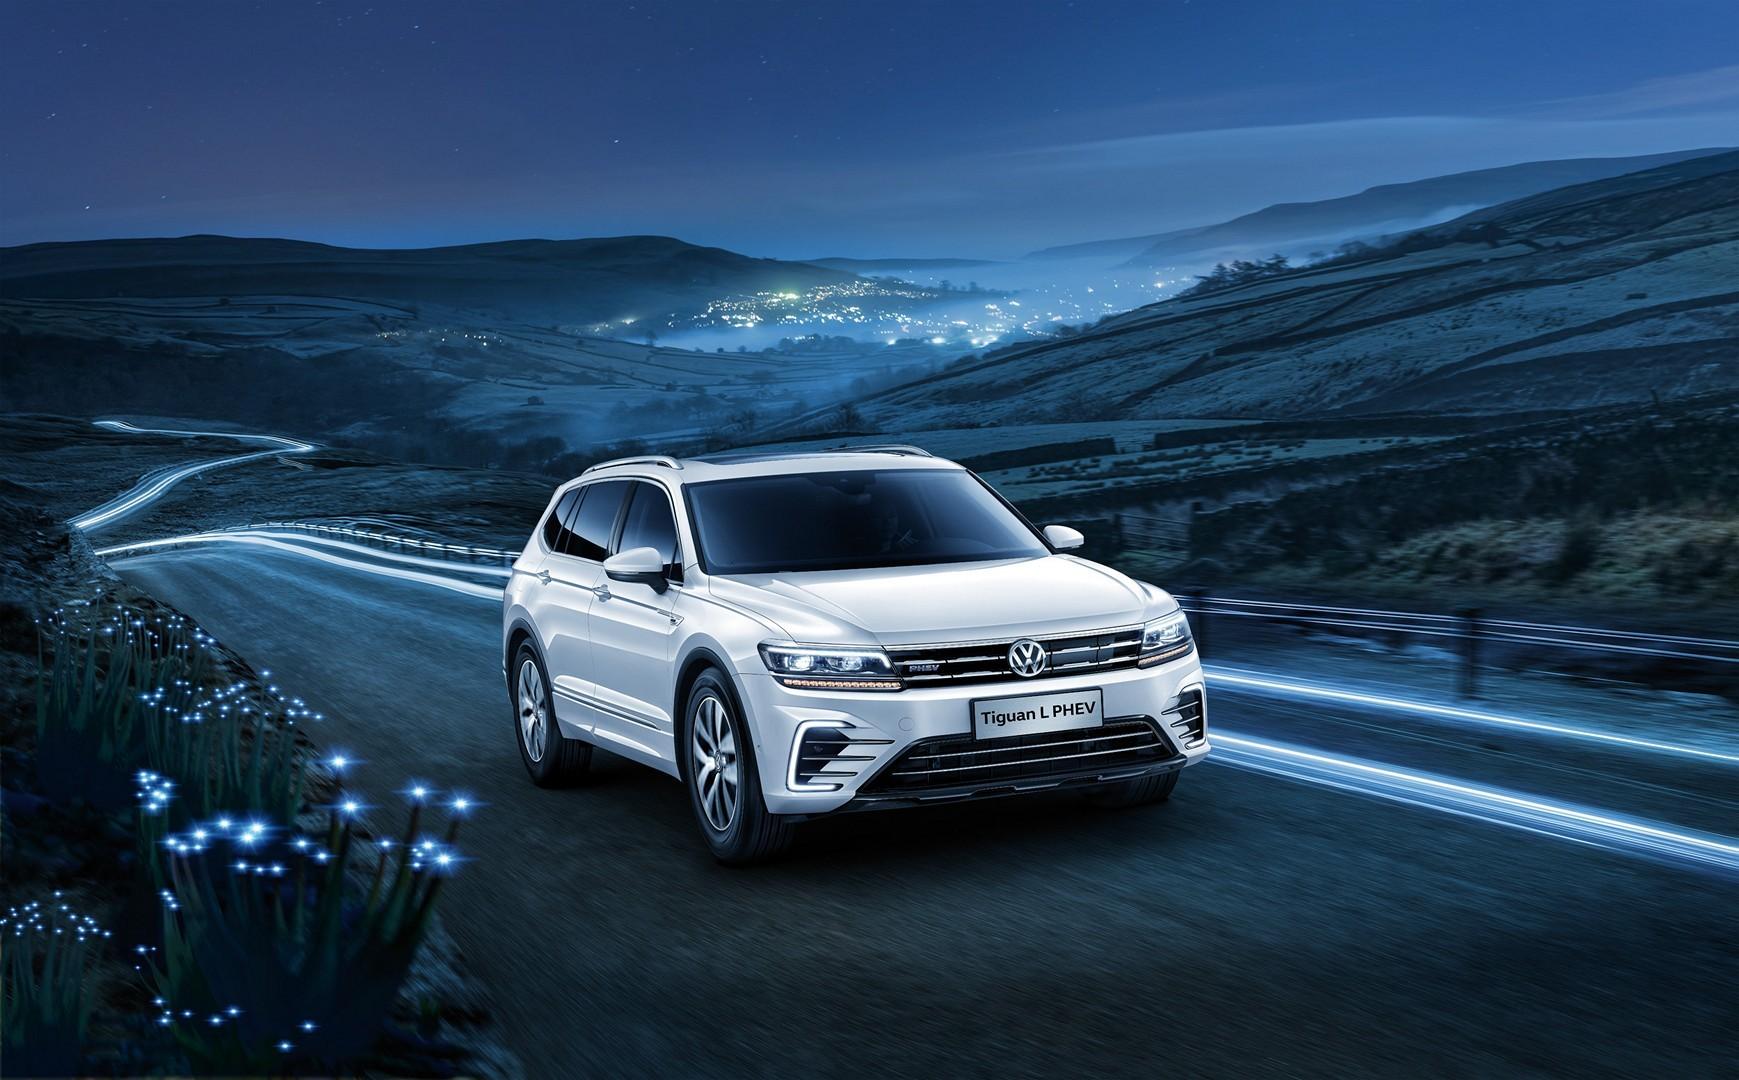 Volkswagen_Tiguan_PHEV_0010